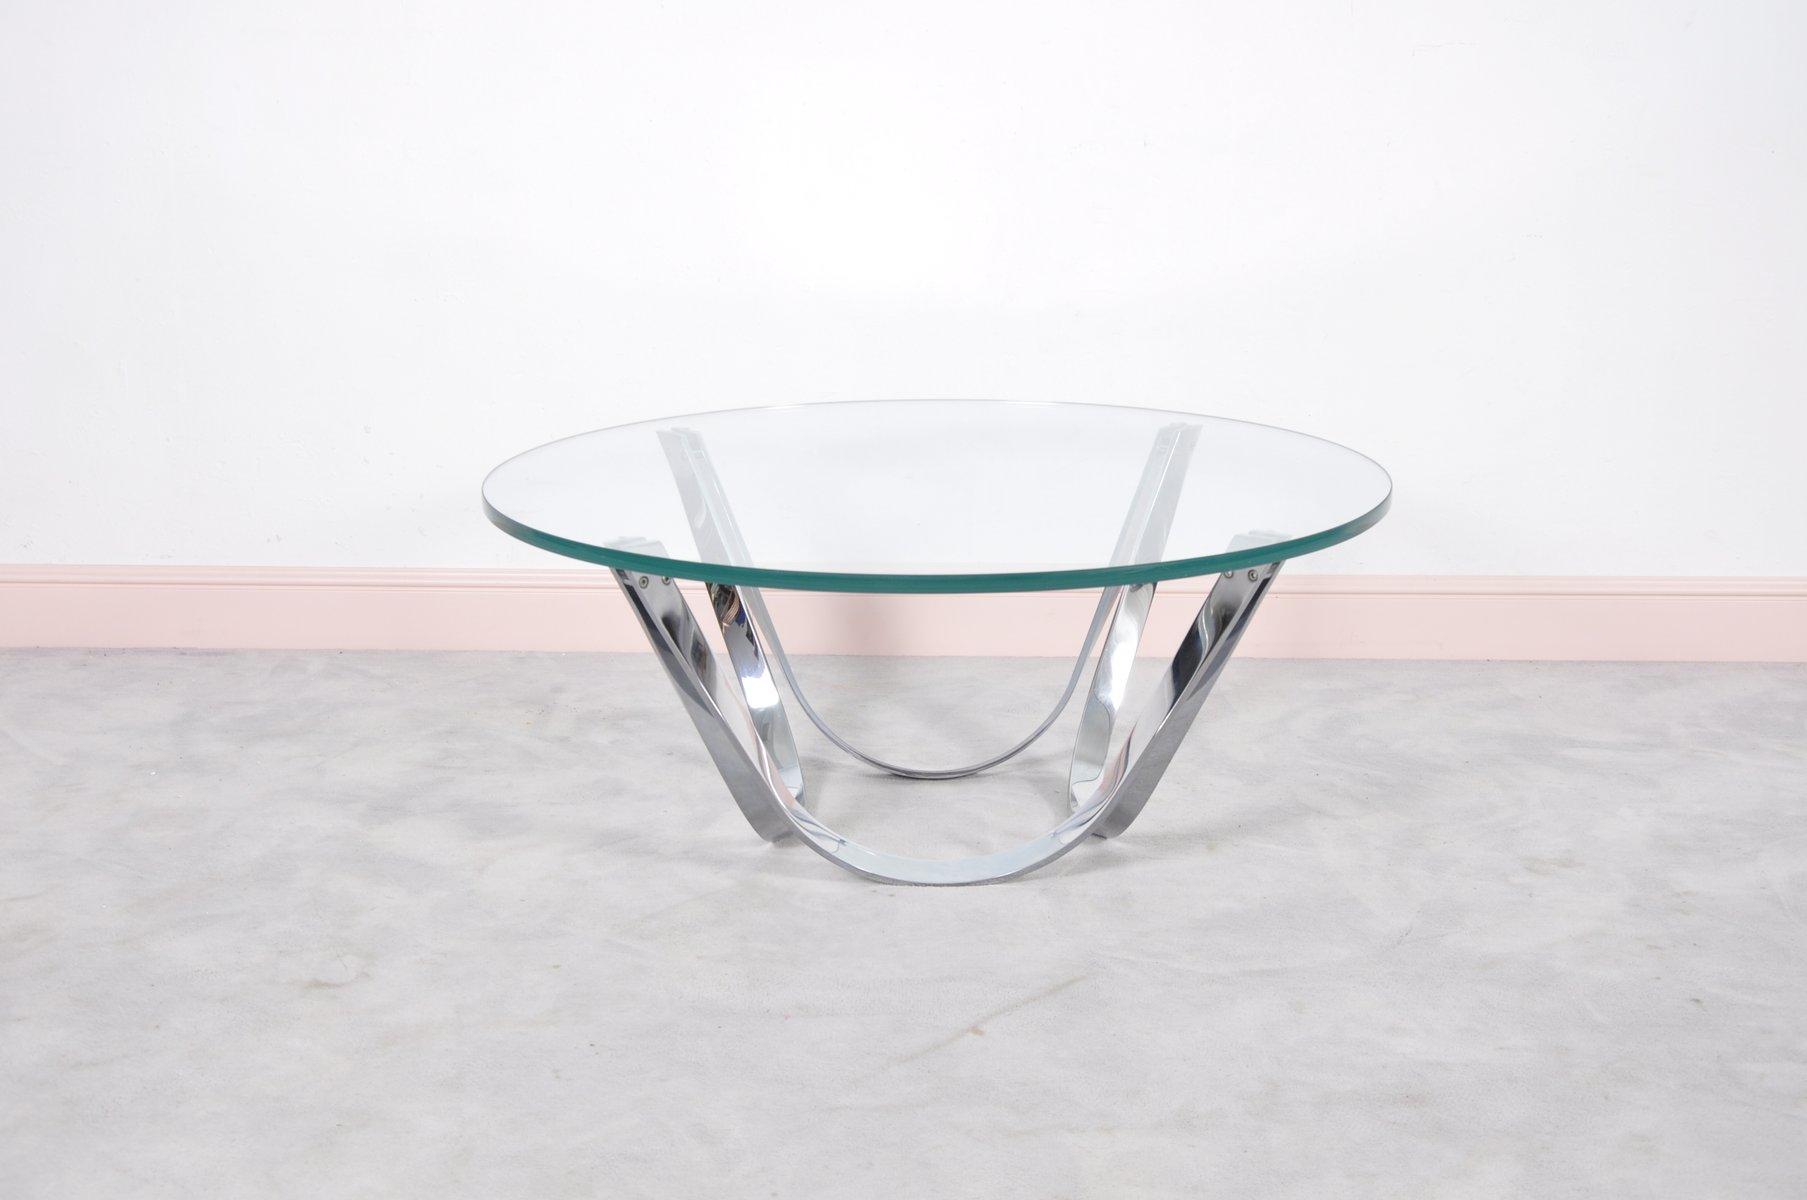 runder glas couchtisch von roger sprunger f r dunbar. Black Bedroom Furniture Sets. Home Design Ideas